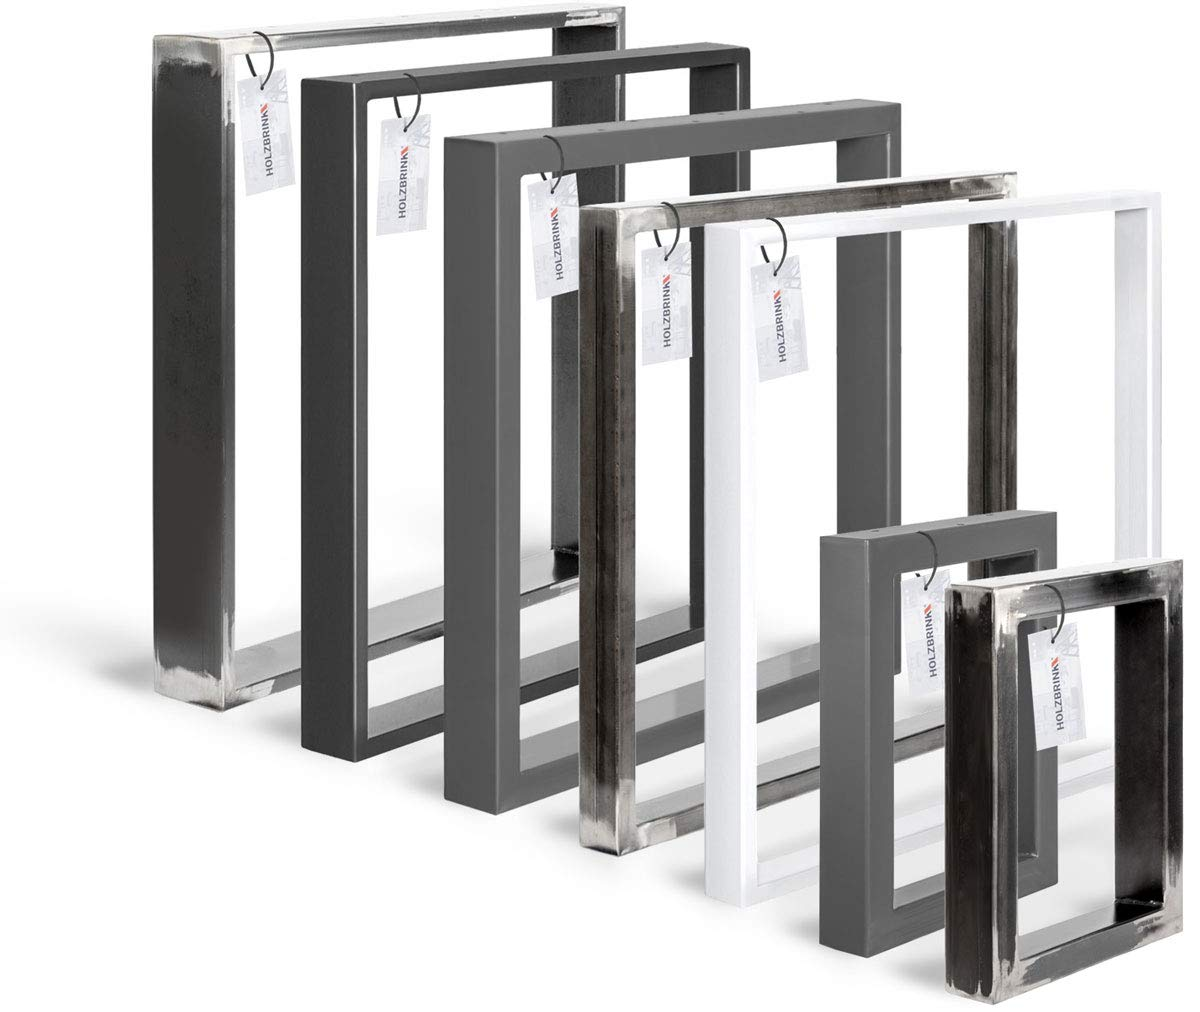 Acero pulido y lacado HOLZBRINK Patas de Mesa perfiles de acero 80x20 mm 1 Pieza HLT-01-C-CC-0000 forma de marco 60x72 cm